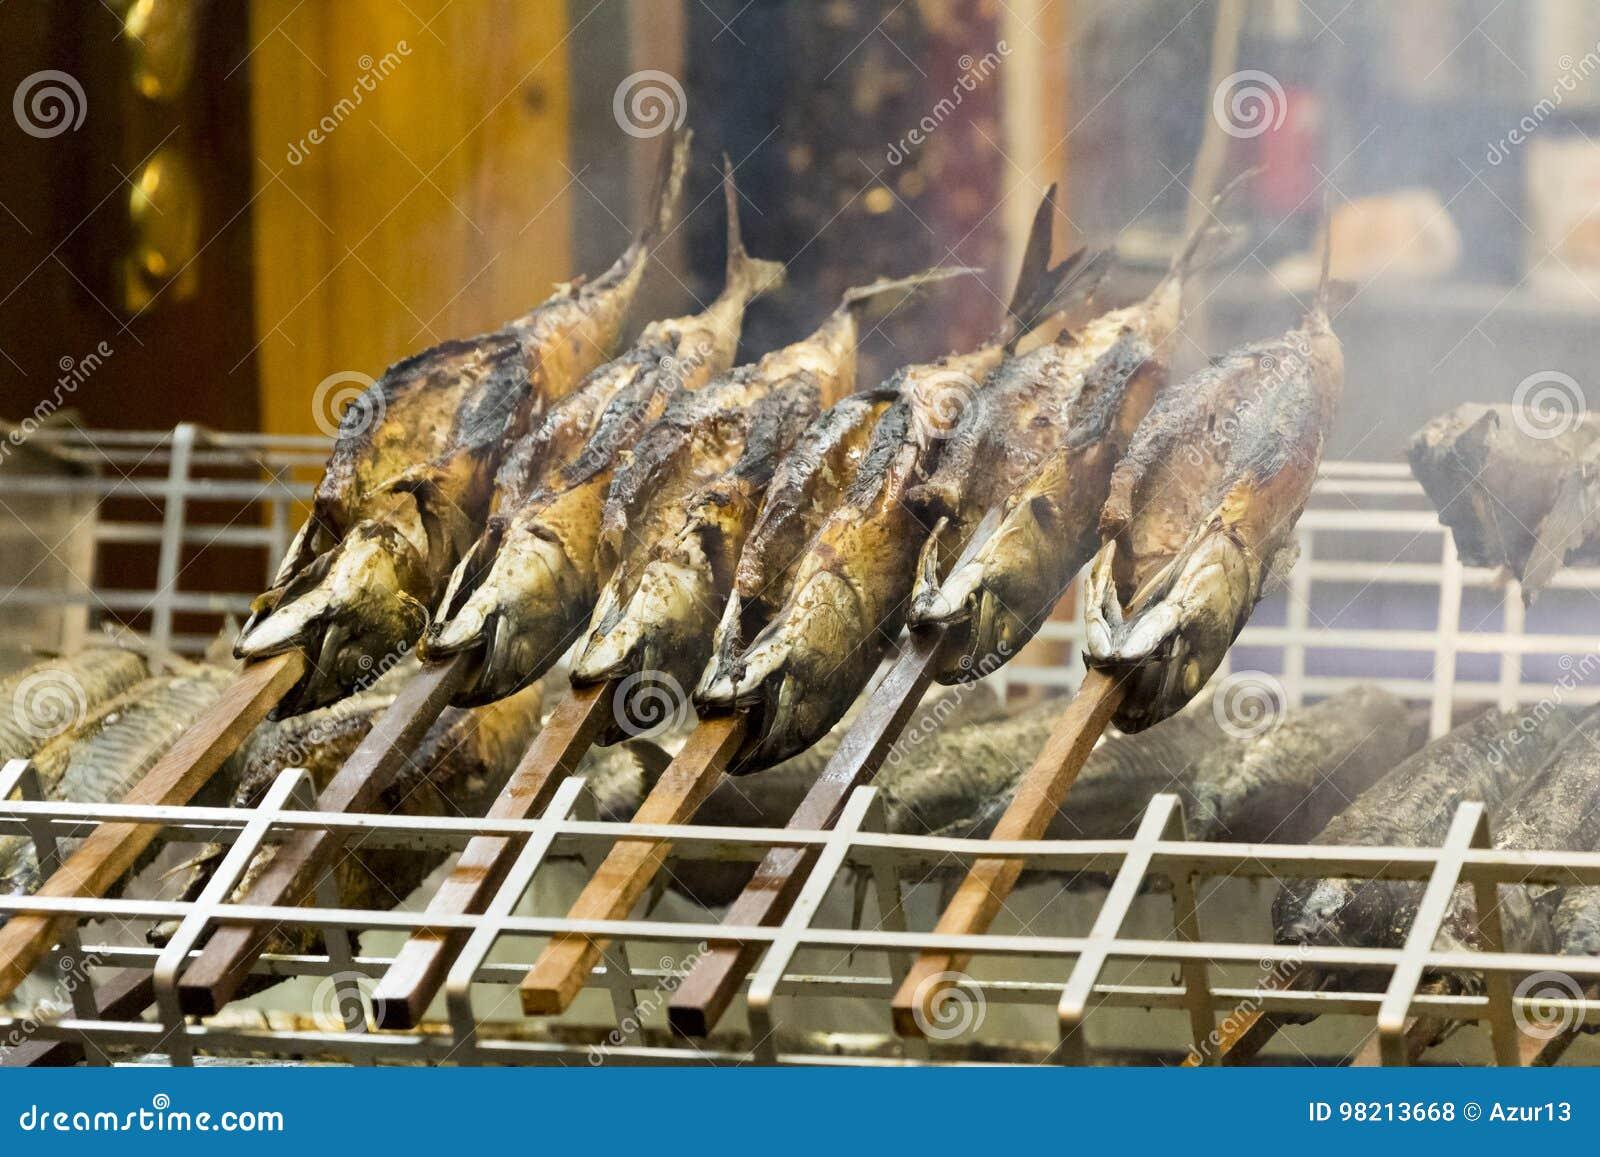 Vissen van de barbecue de stokvis geroosterde forel op voorraden met brandrook